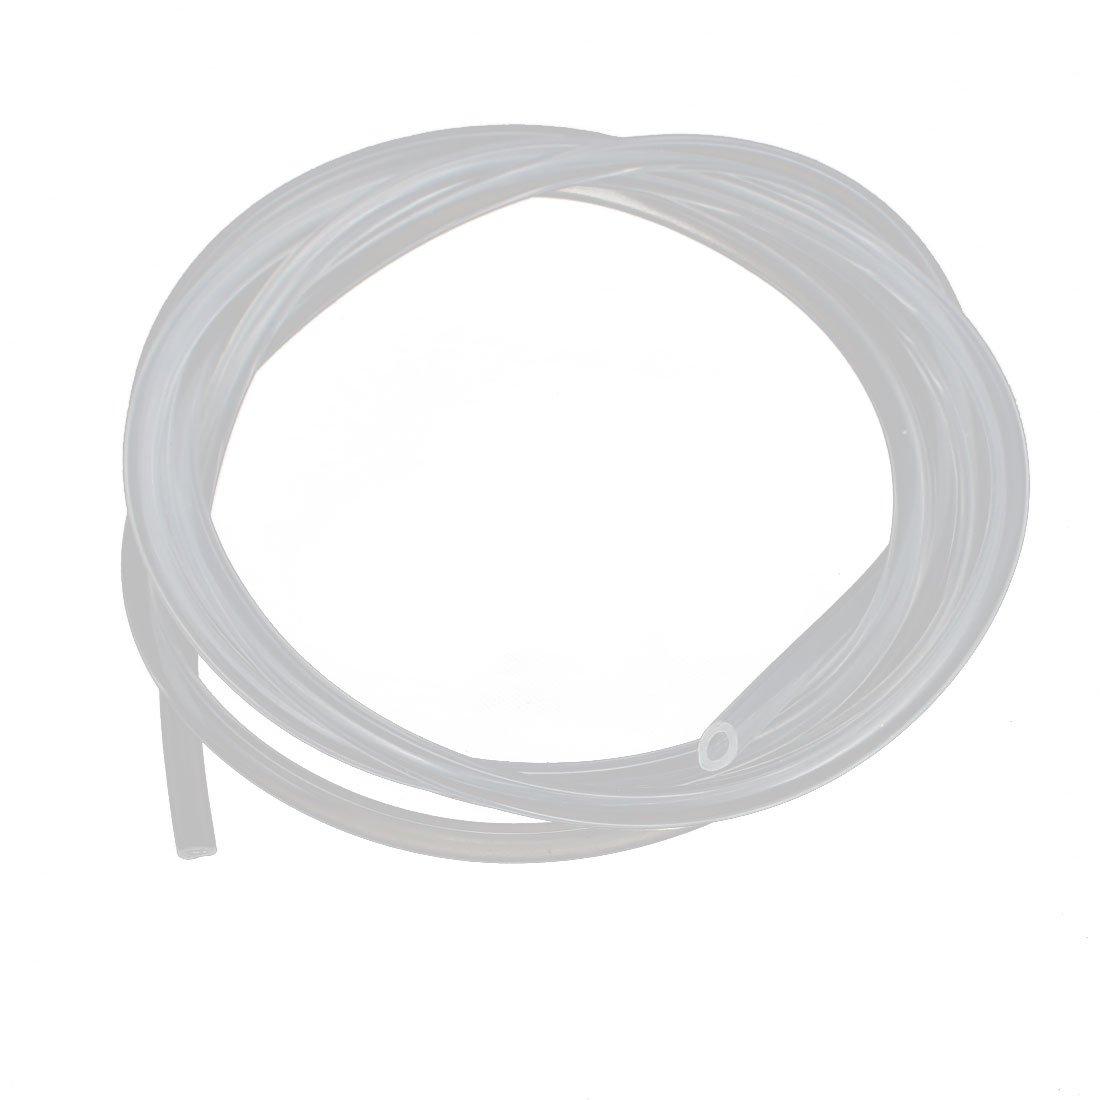 Tubo de silicona Sourcingmap de 2 mm de di/ámetro x 6 mm de di/ámetro externo y 2 m de di/ámetro exterior tubo de goma de silicona flexible para transferencia de bomba transparente